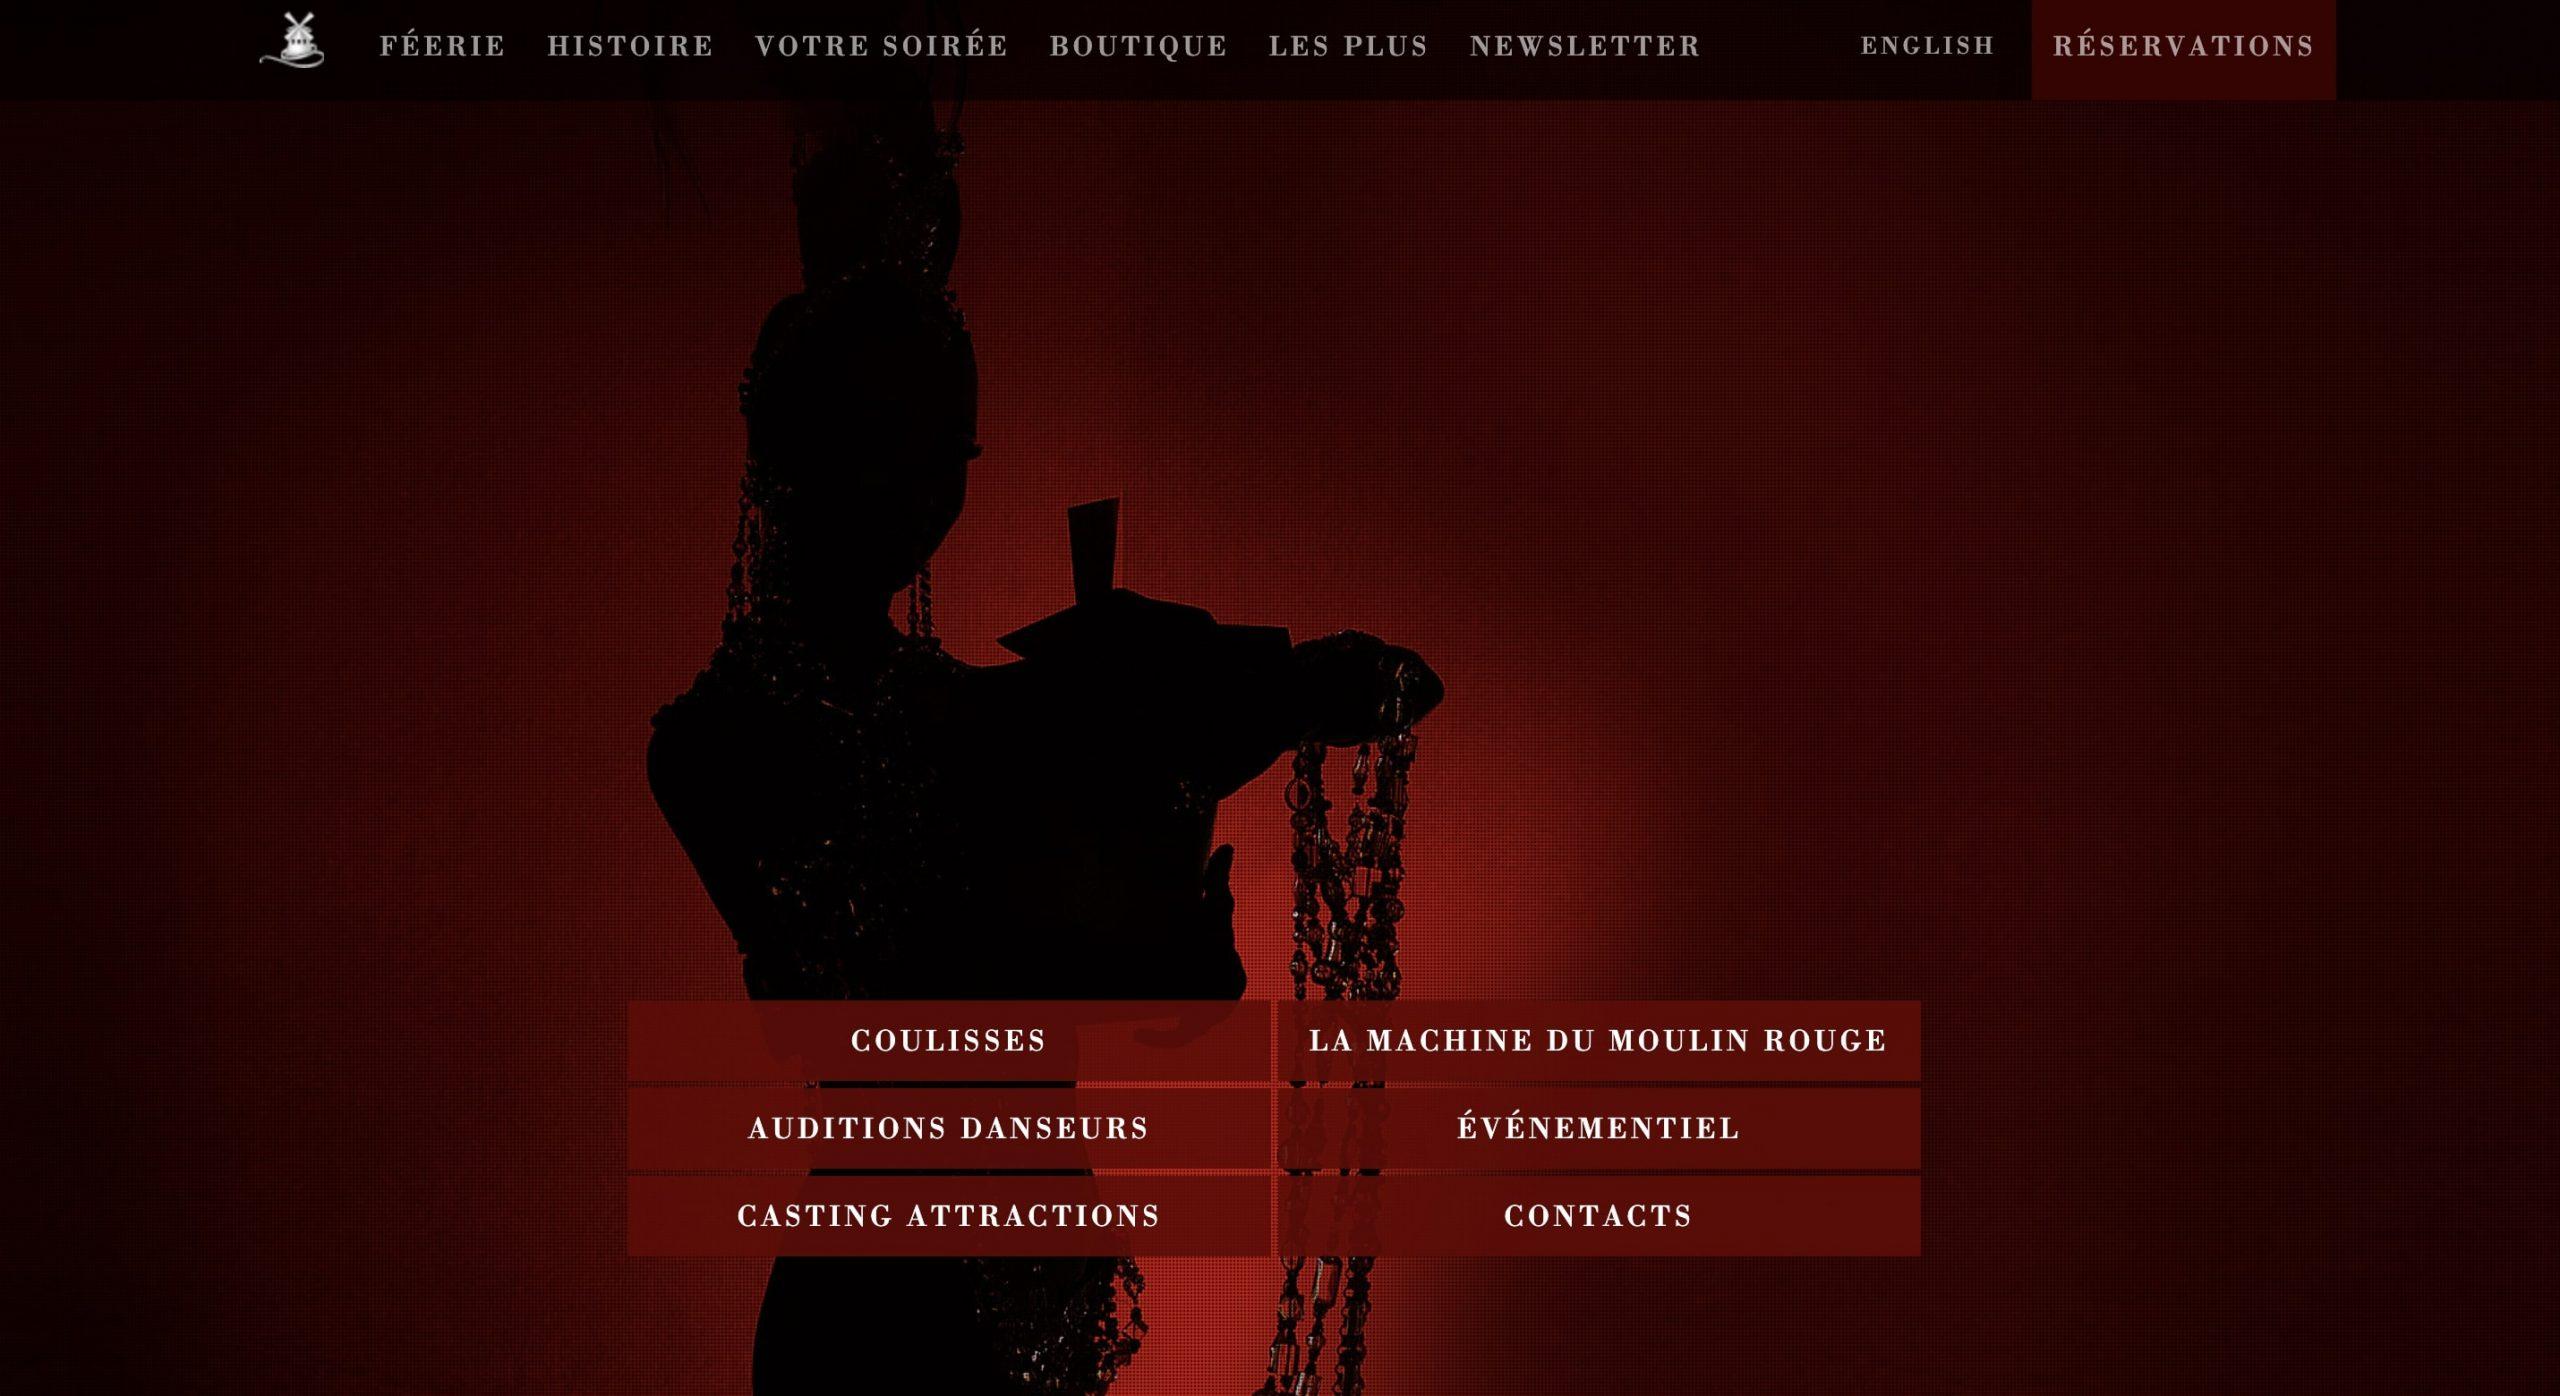 La signification des couleurs : le rouge : capture d'écran de landing page du Moulin Rouge